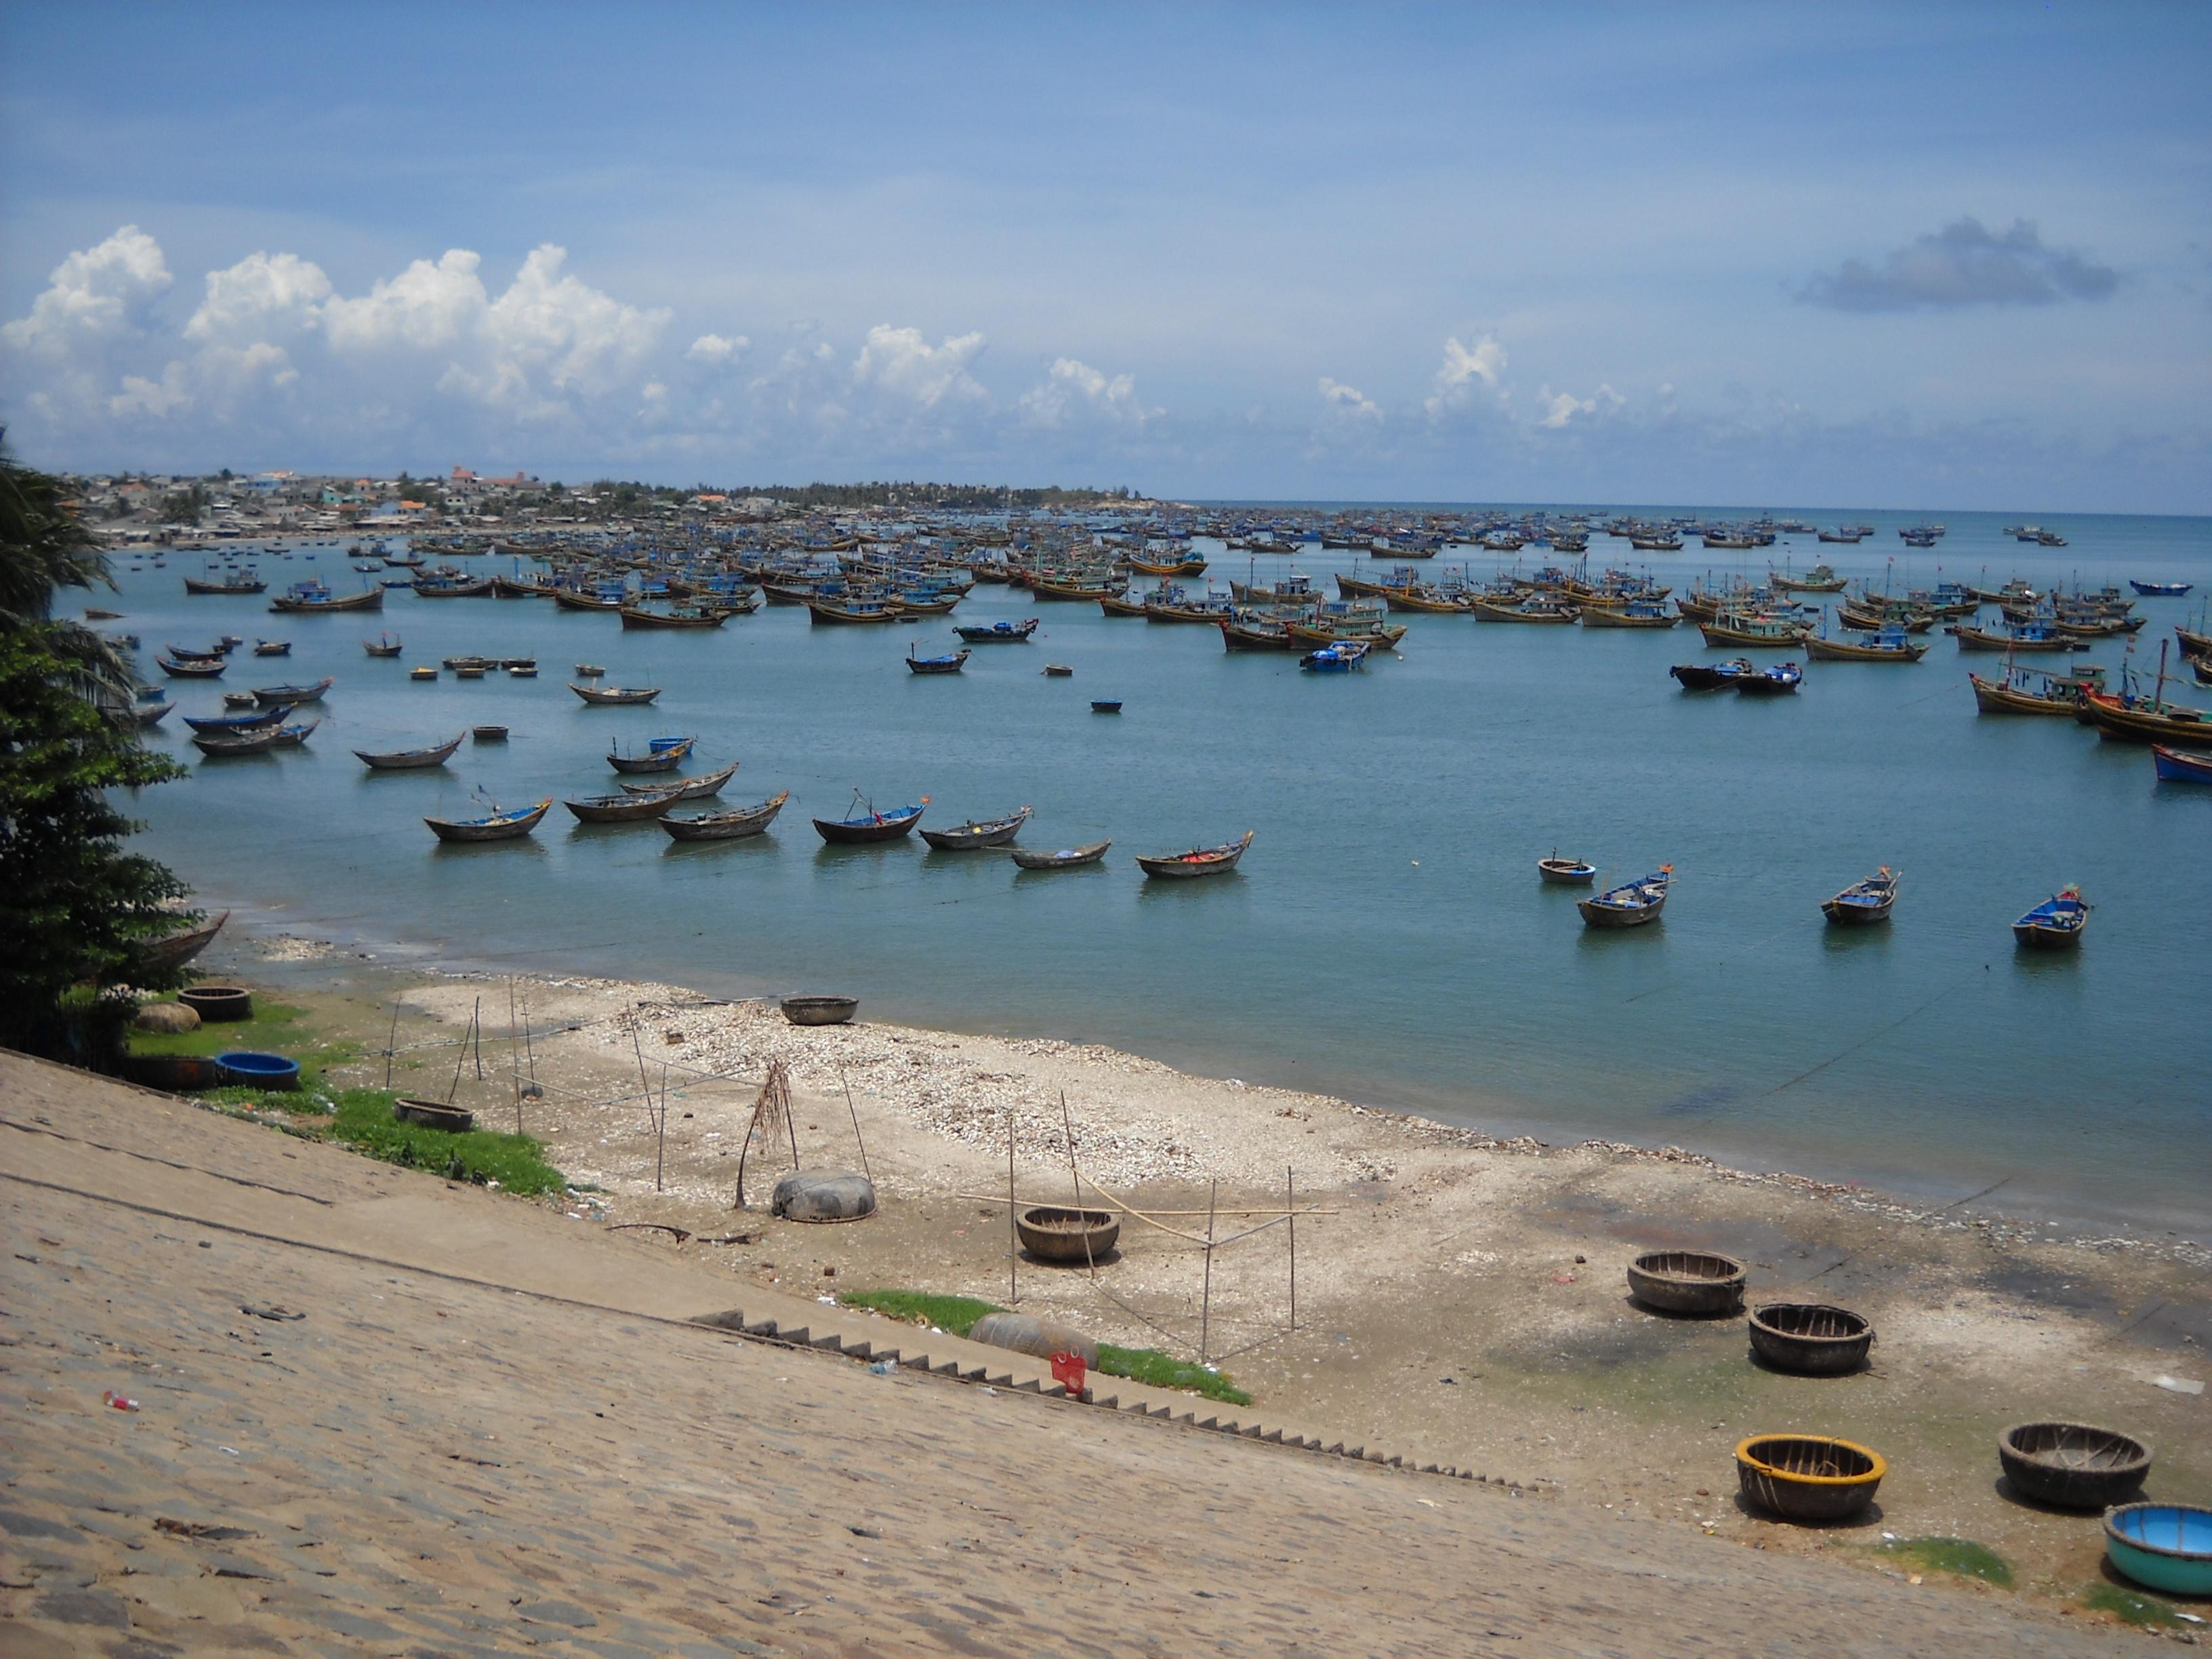 Bán nhớt Motul giá rẻ tại Bình Thuận